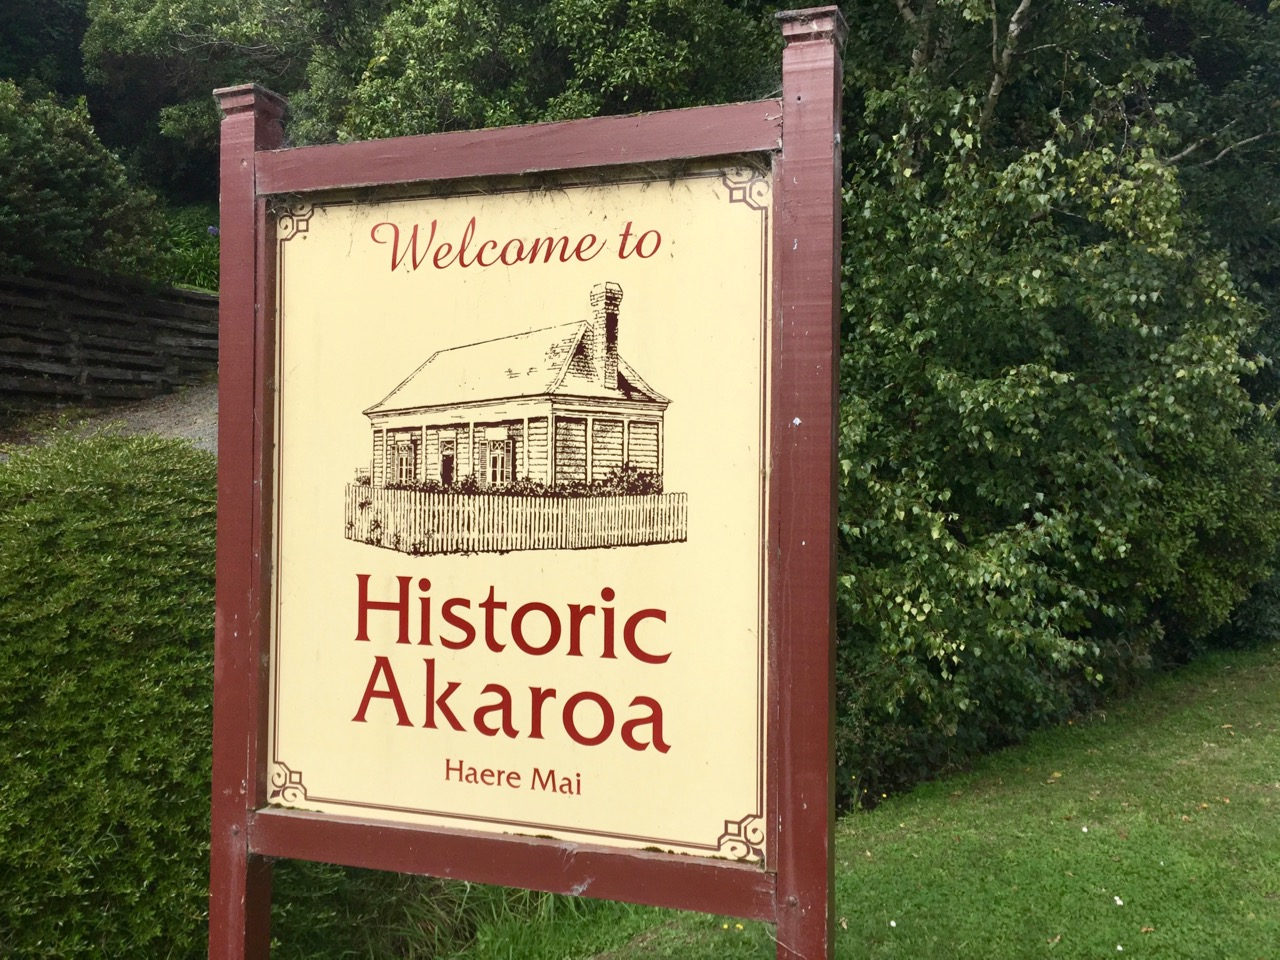 Haere mai to historic Akaroa